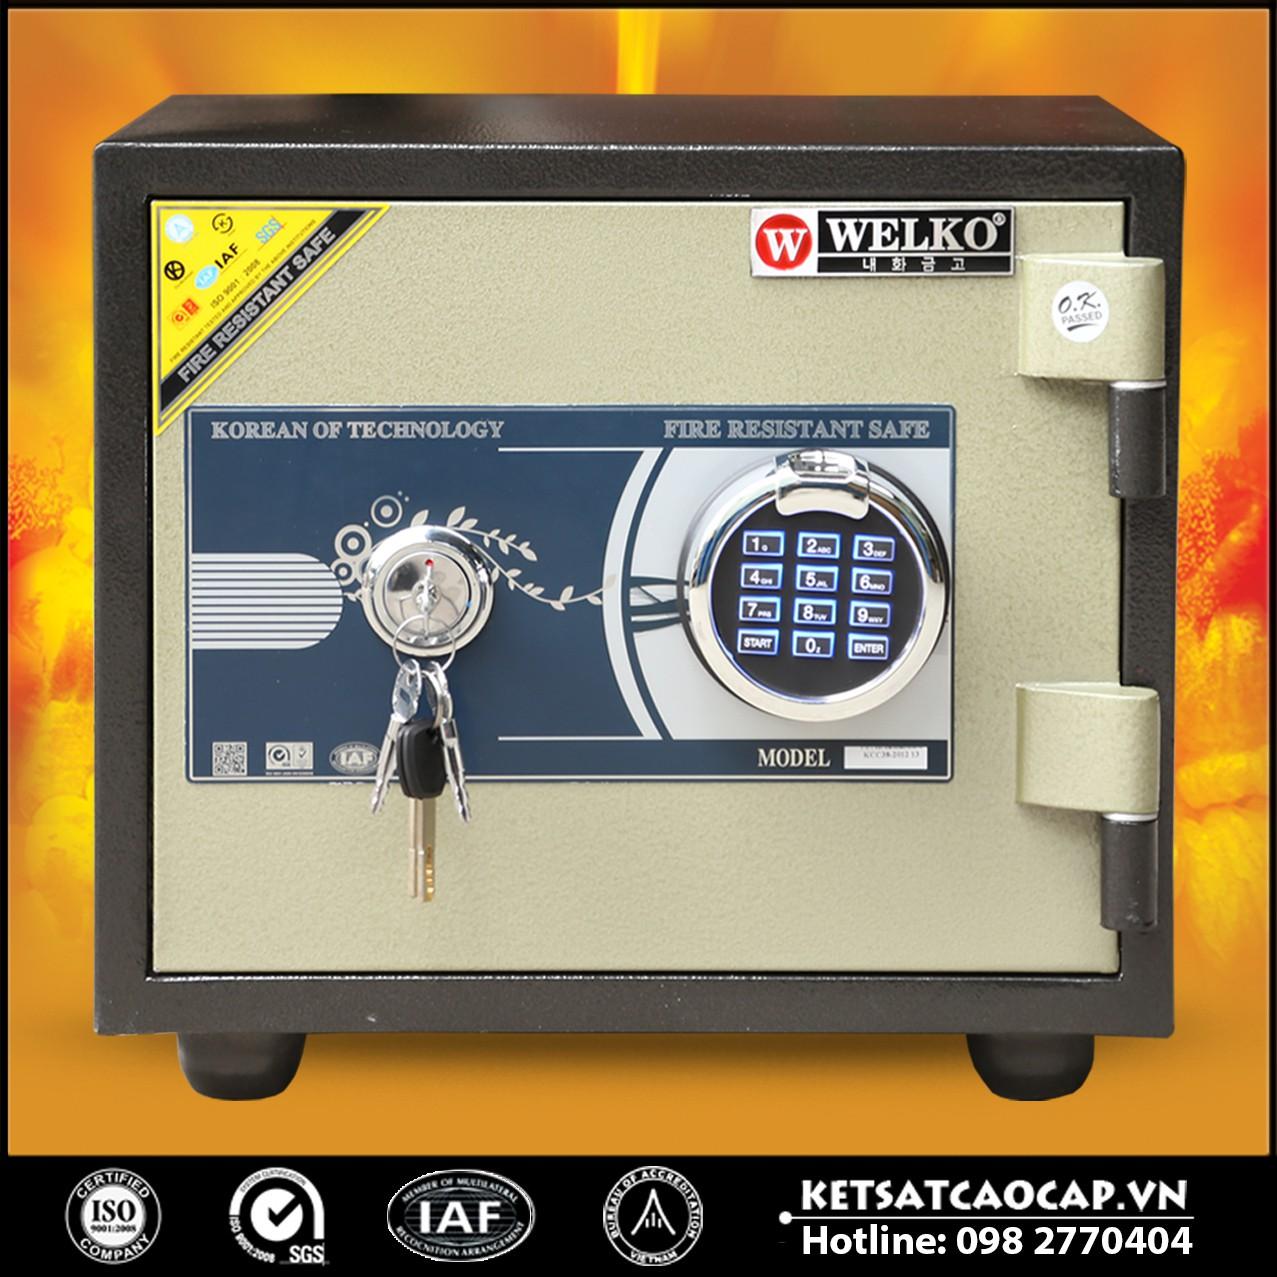 Két Sắt Chống Cháy LX600 - FE